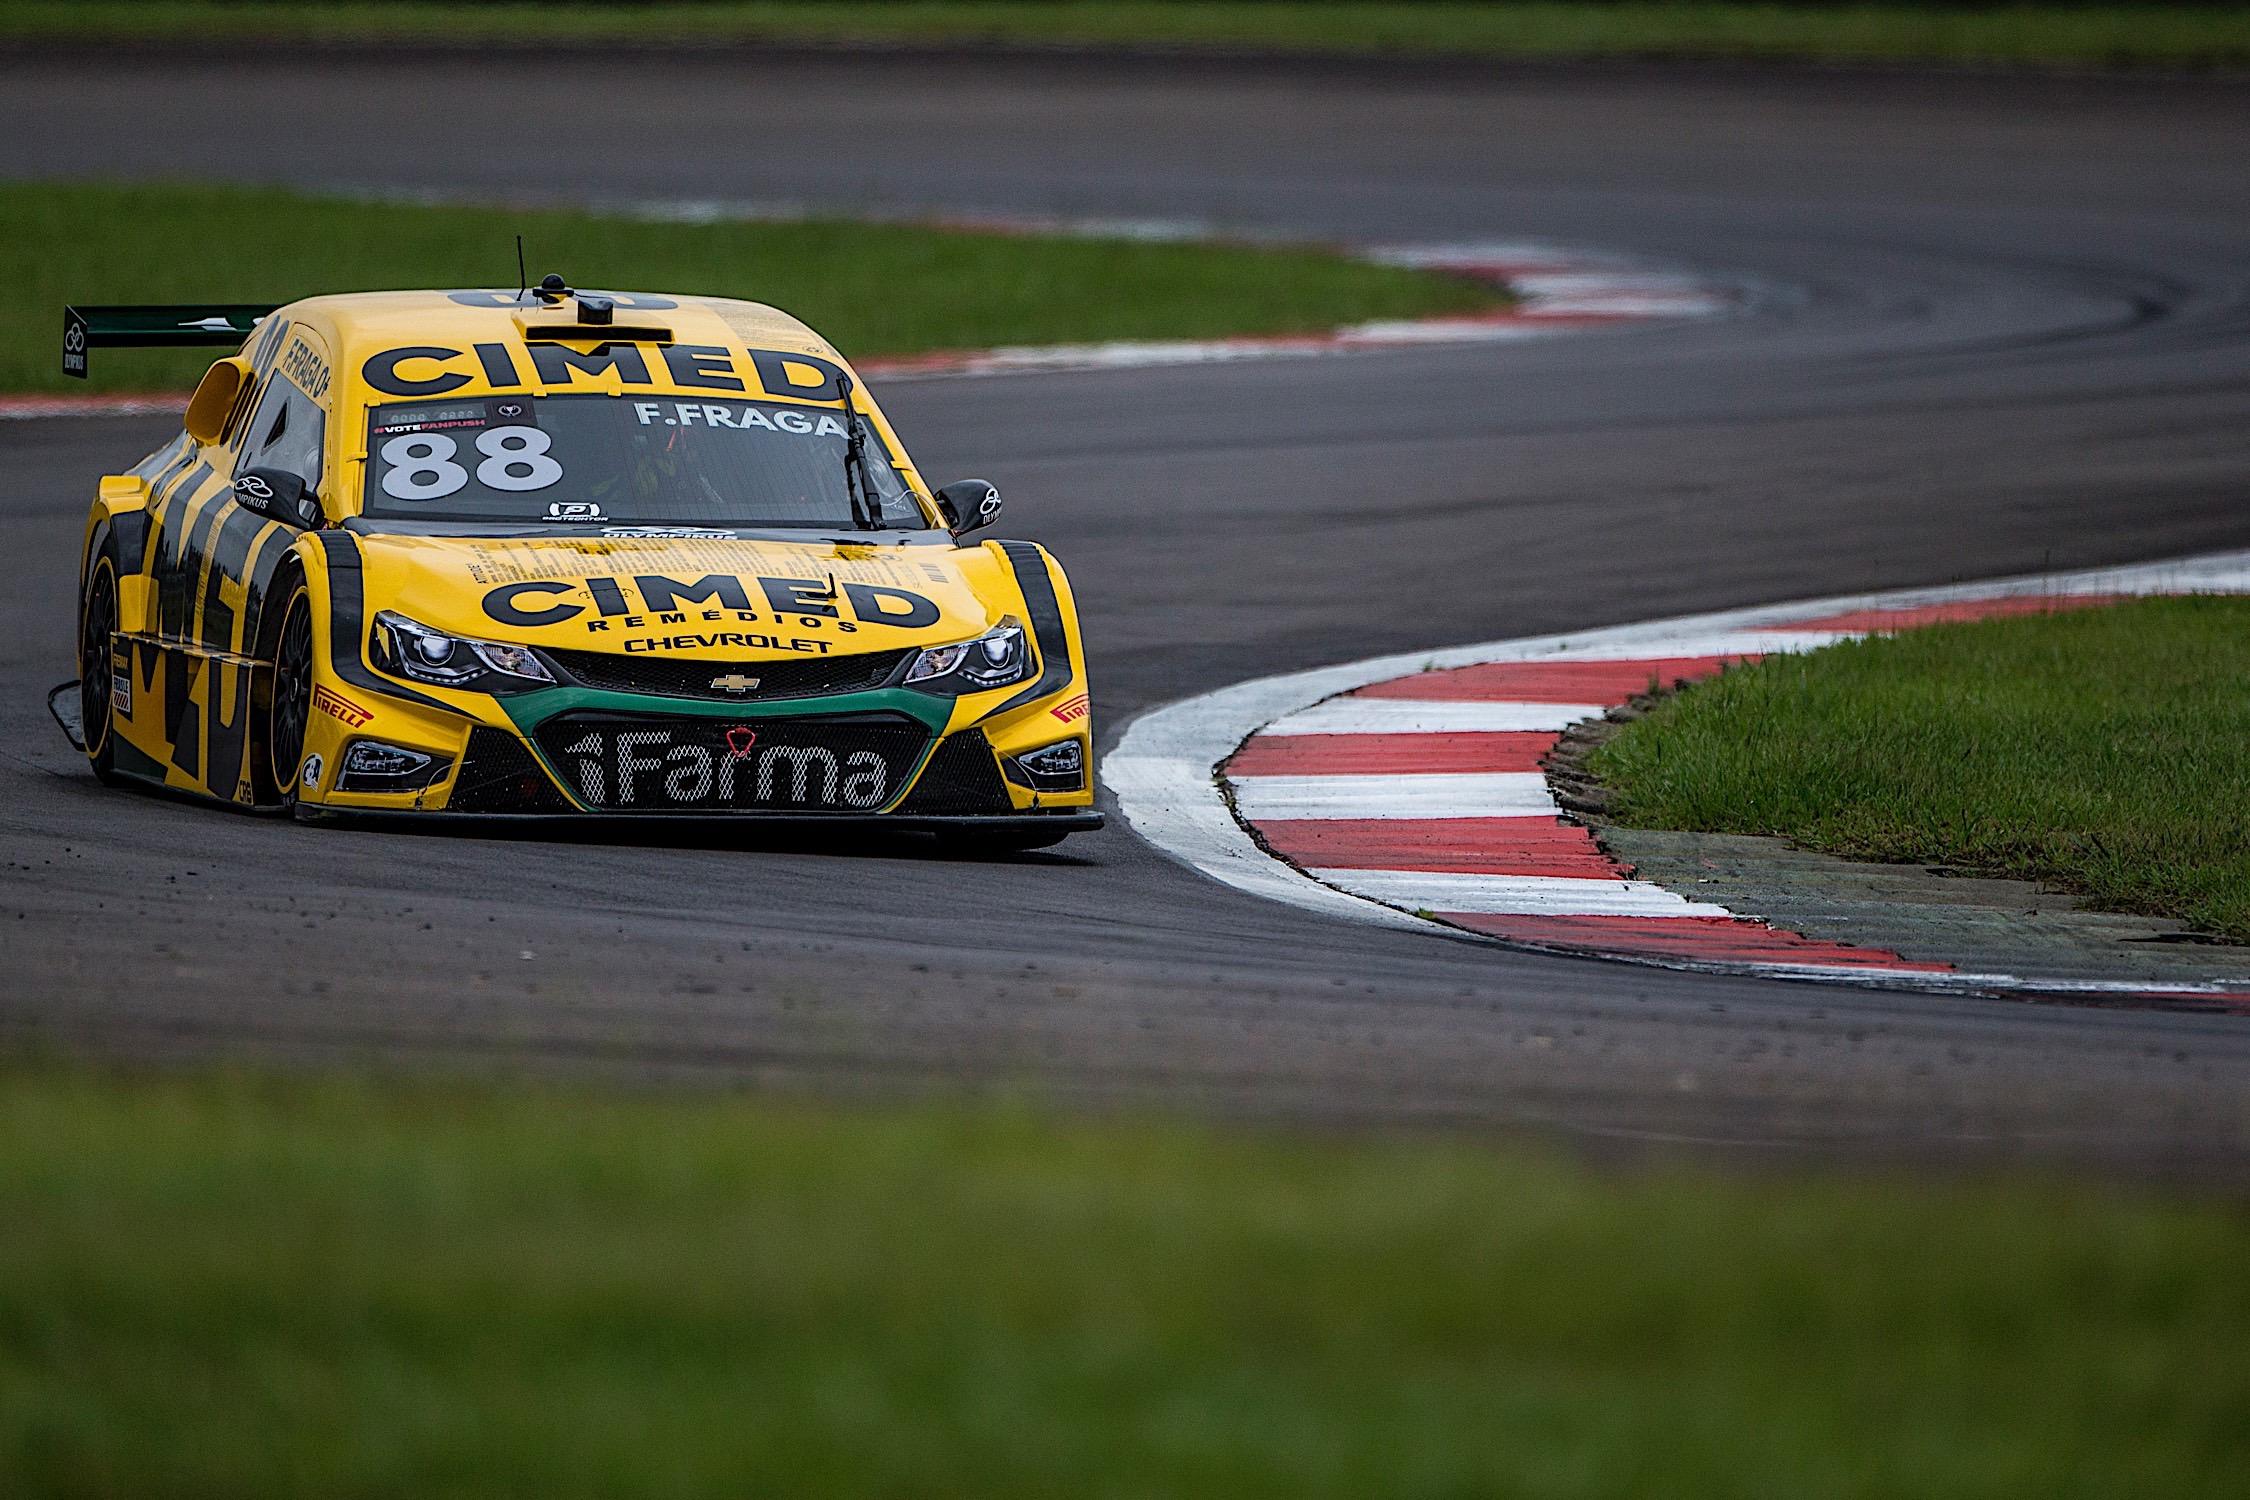 Photo of Stock Car – Cimed Racing busca 3ª vitória no Velo Città após triunfos de Felipe Fraga em 2017 e 2018